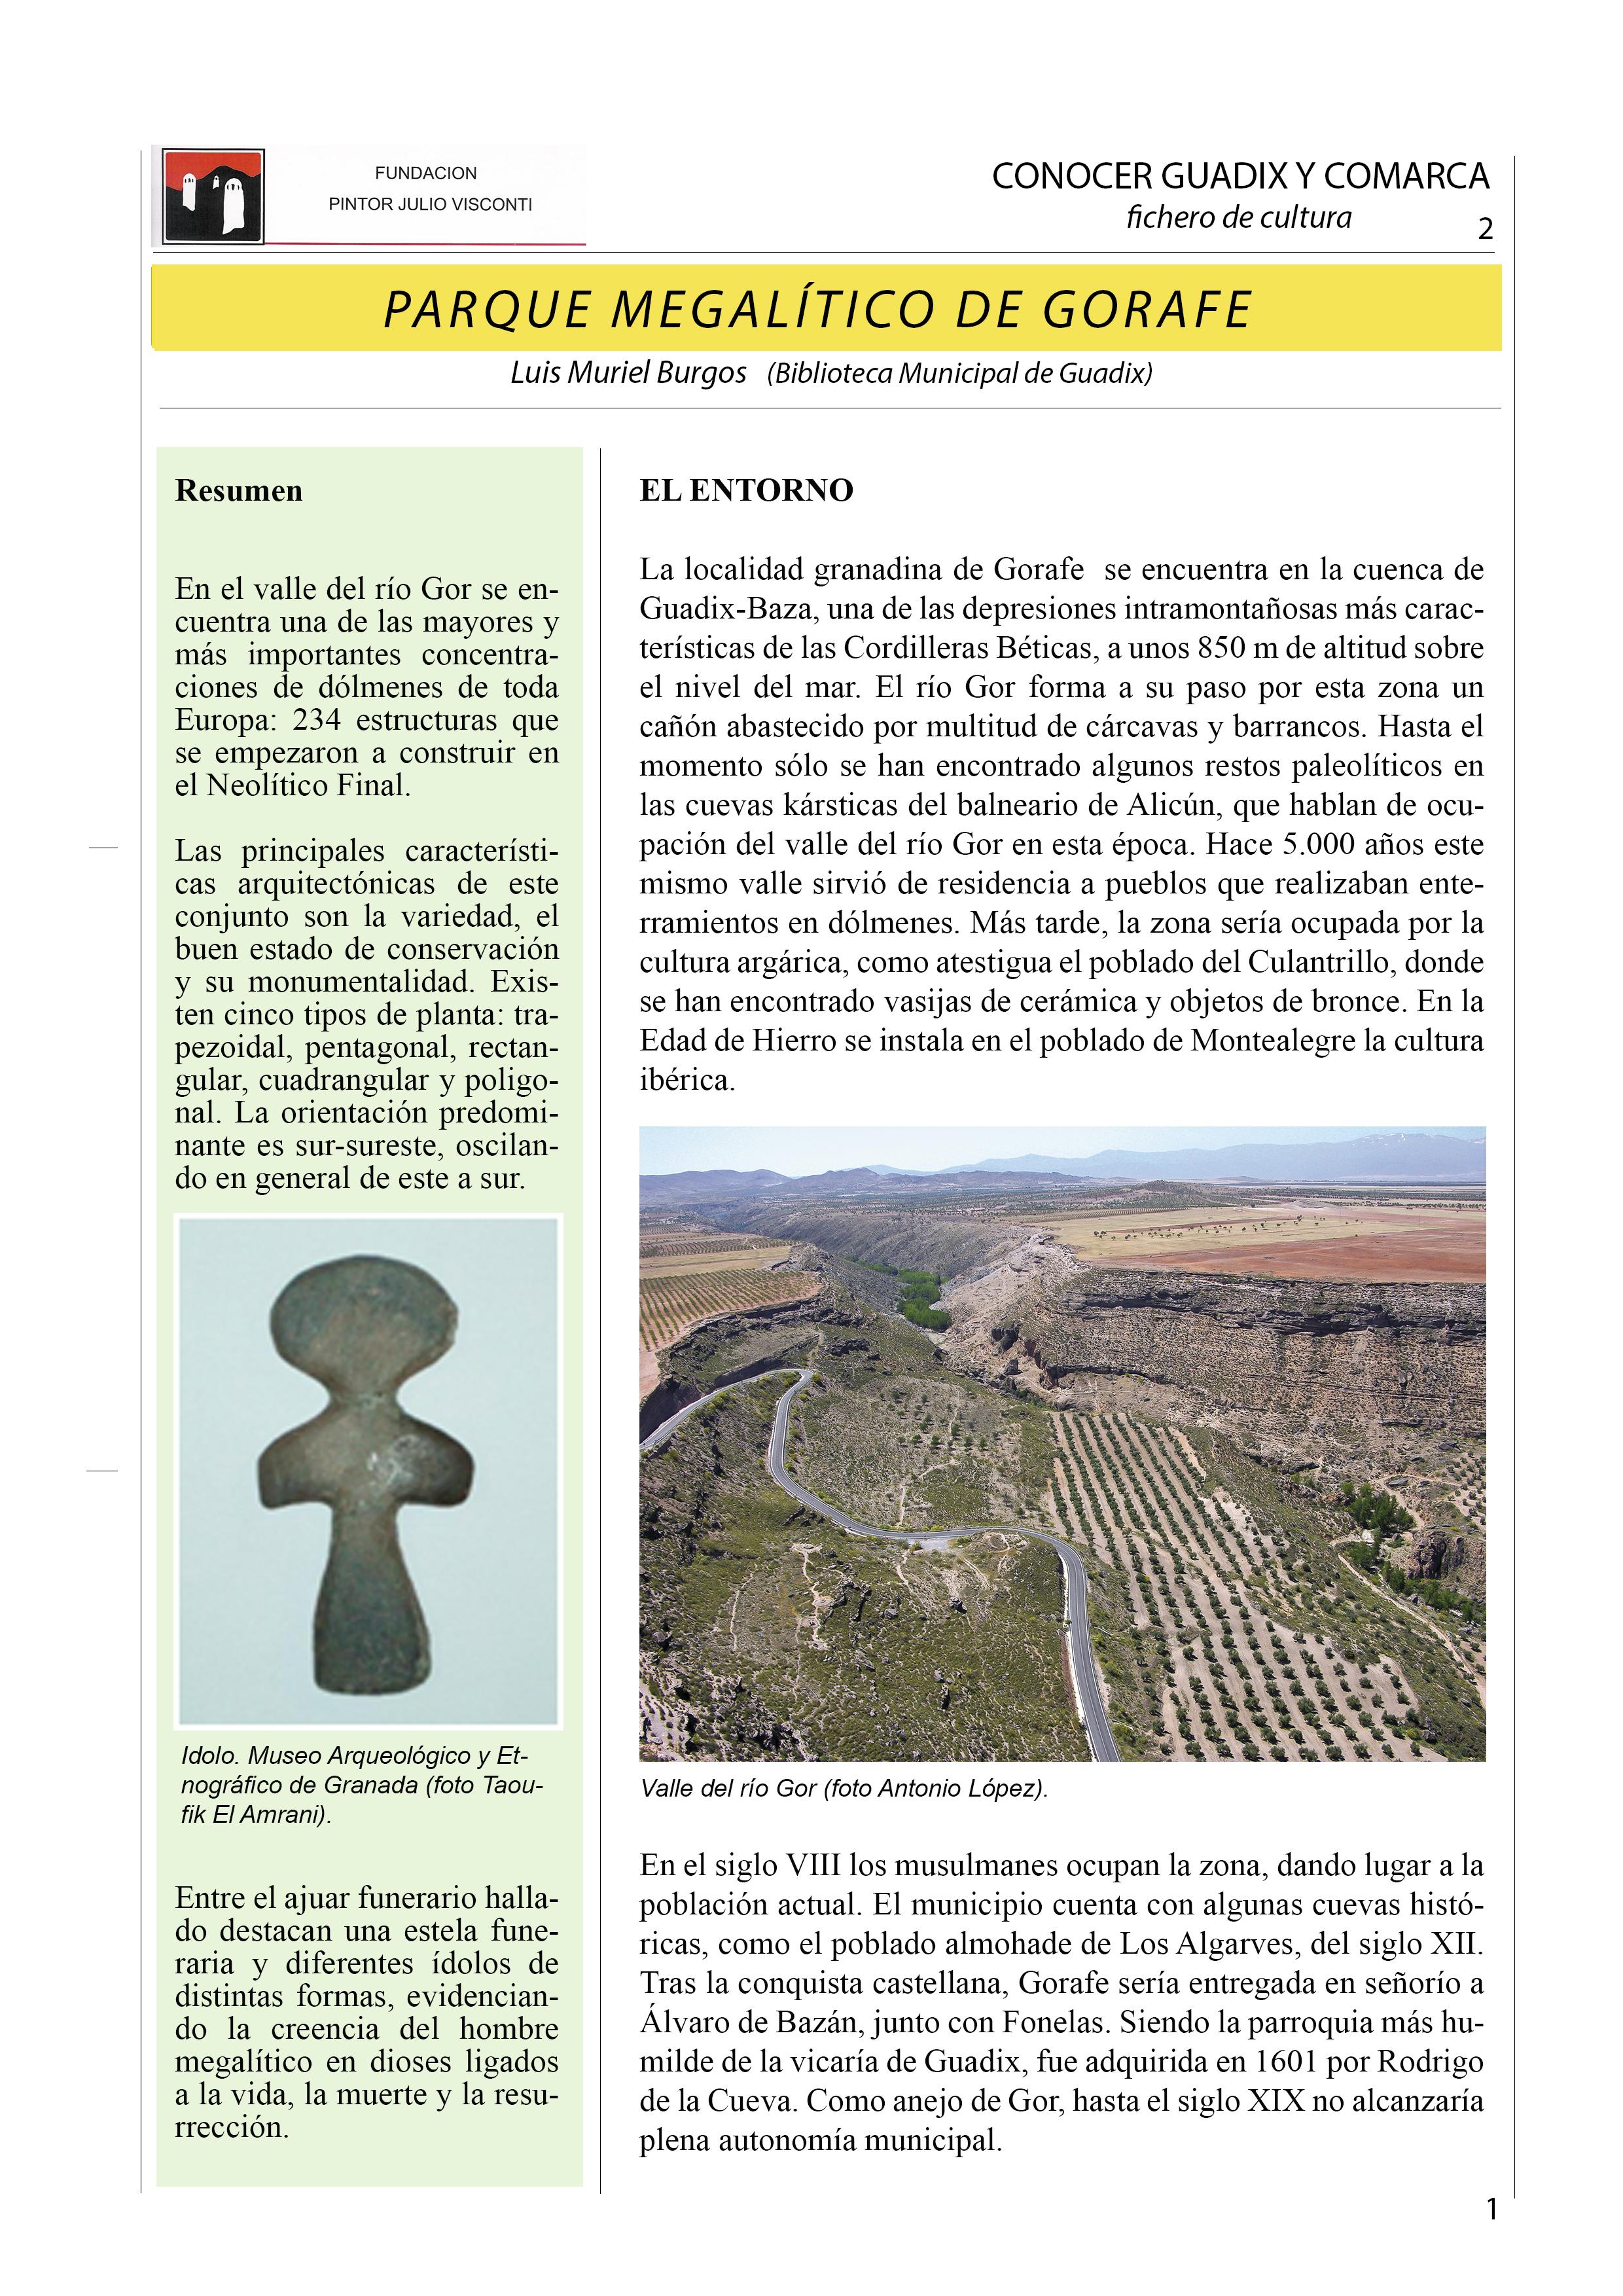 Parque megalítico de Gorafe 1 Definitiva